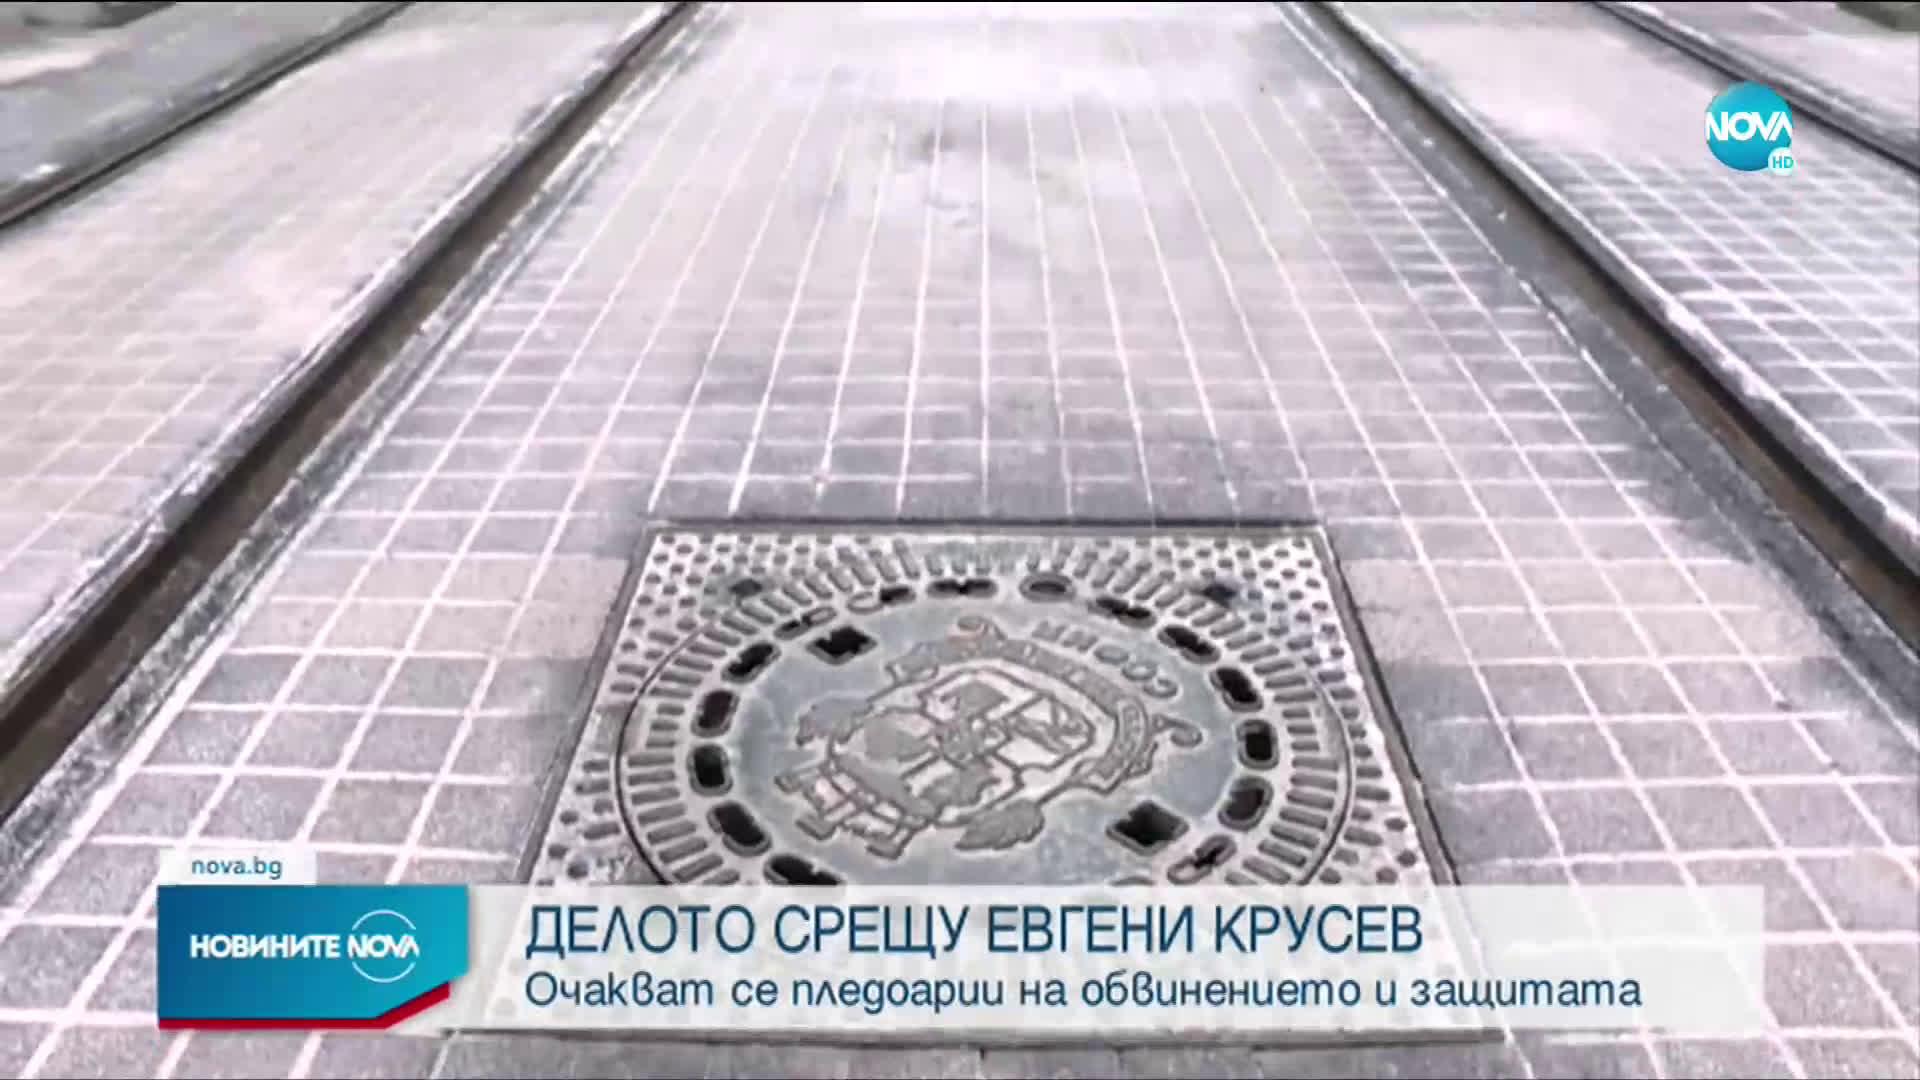 Продължава делото срещу Евгени Крусев